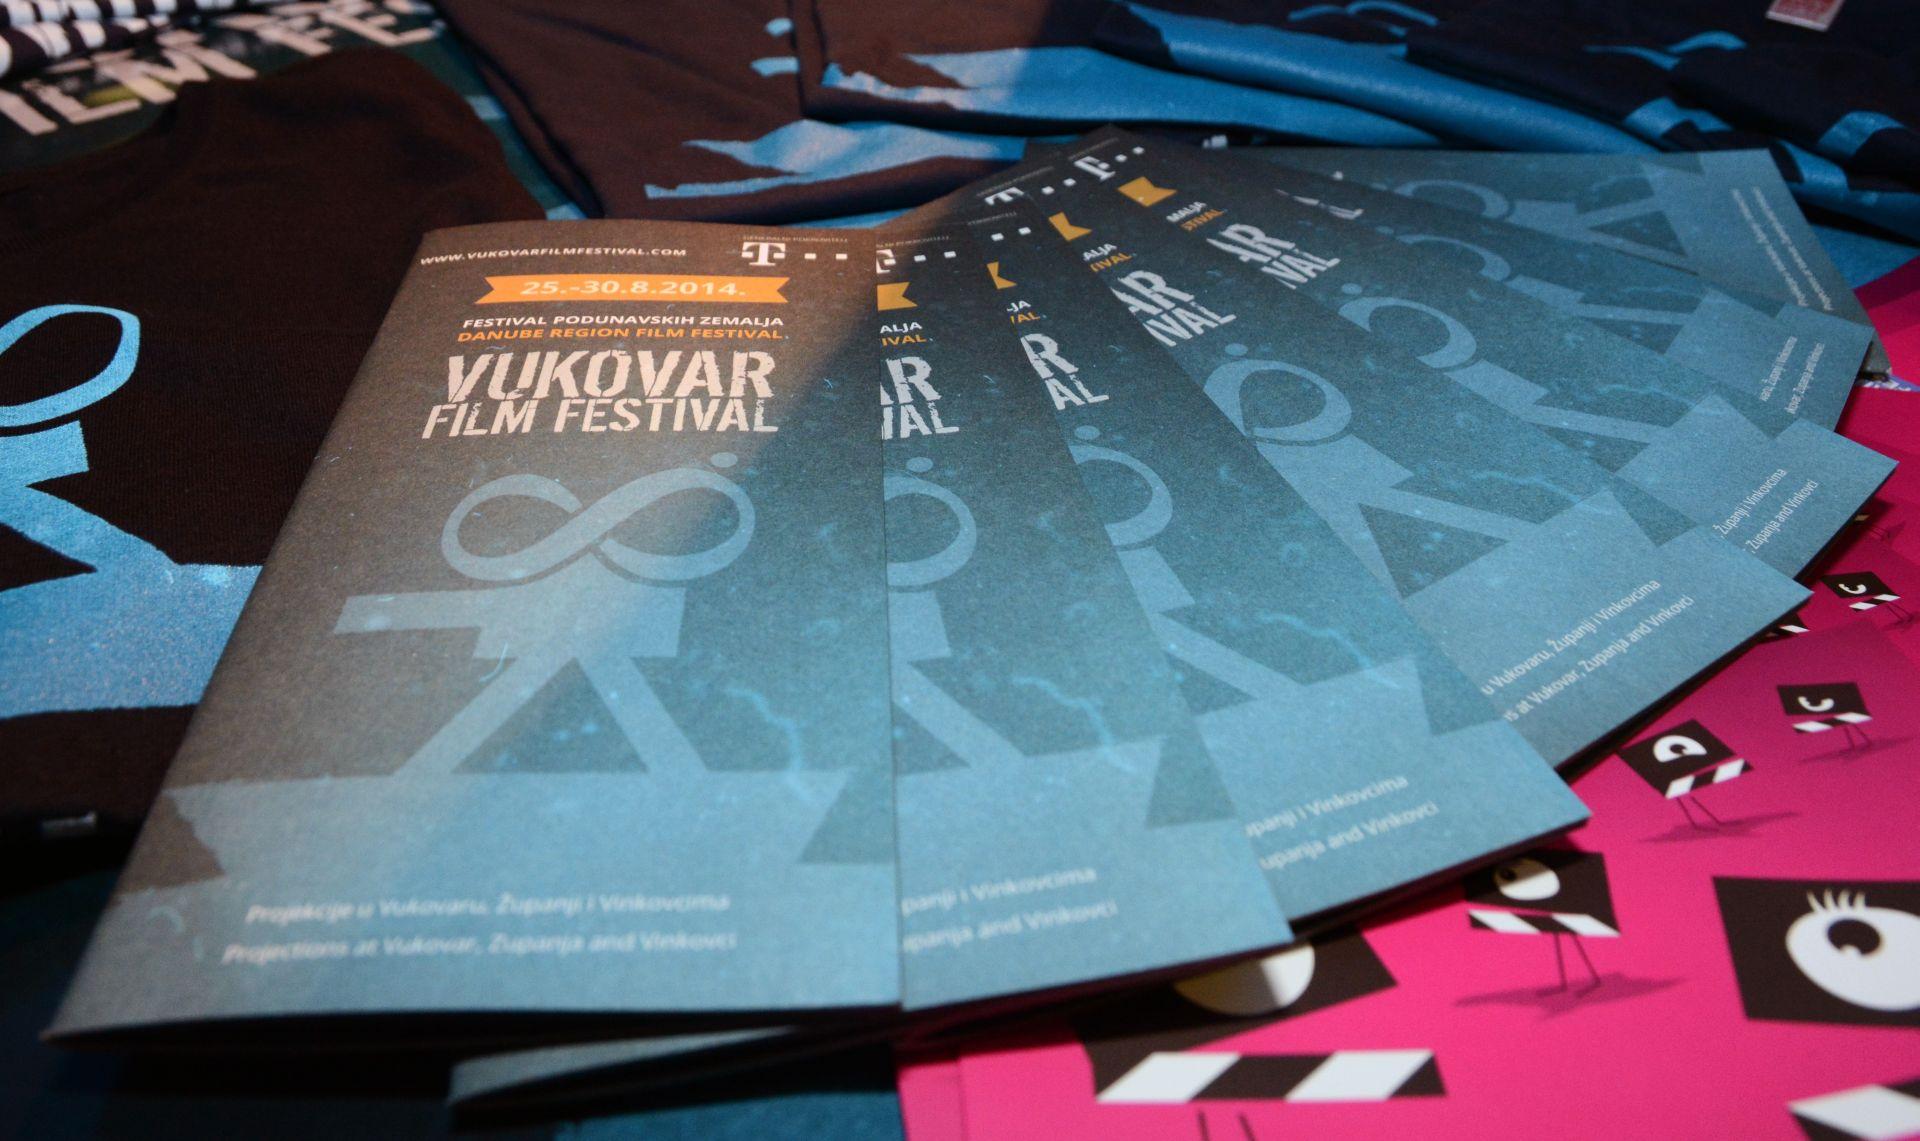 VIDEO: Filmovi s Berlinalea na ovogodišnjem Vukovar Film festivalu